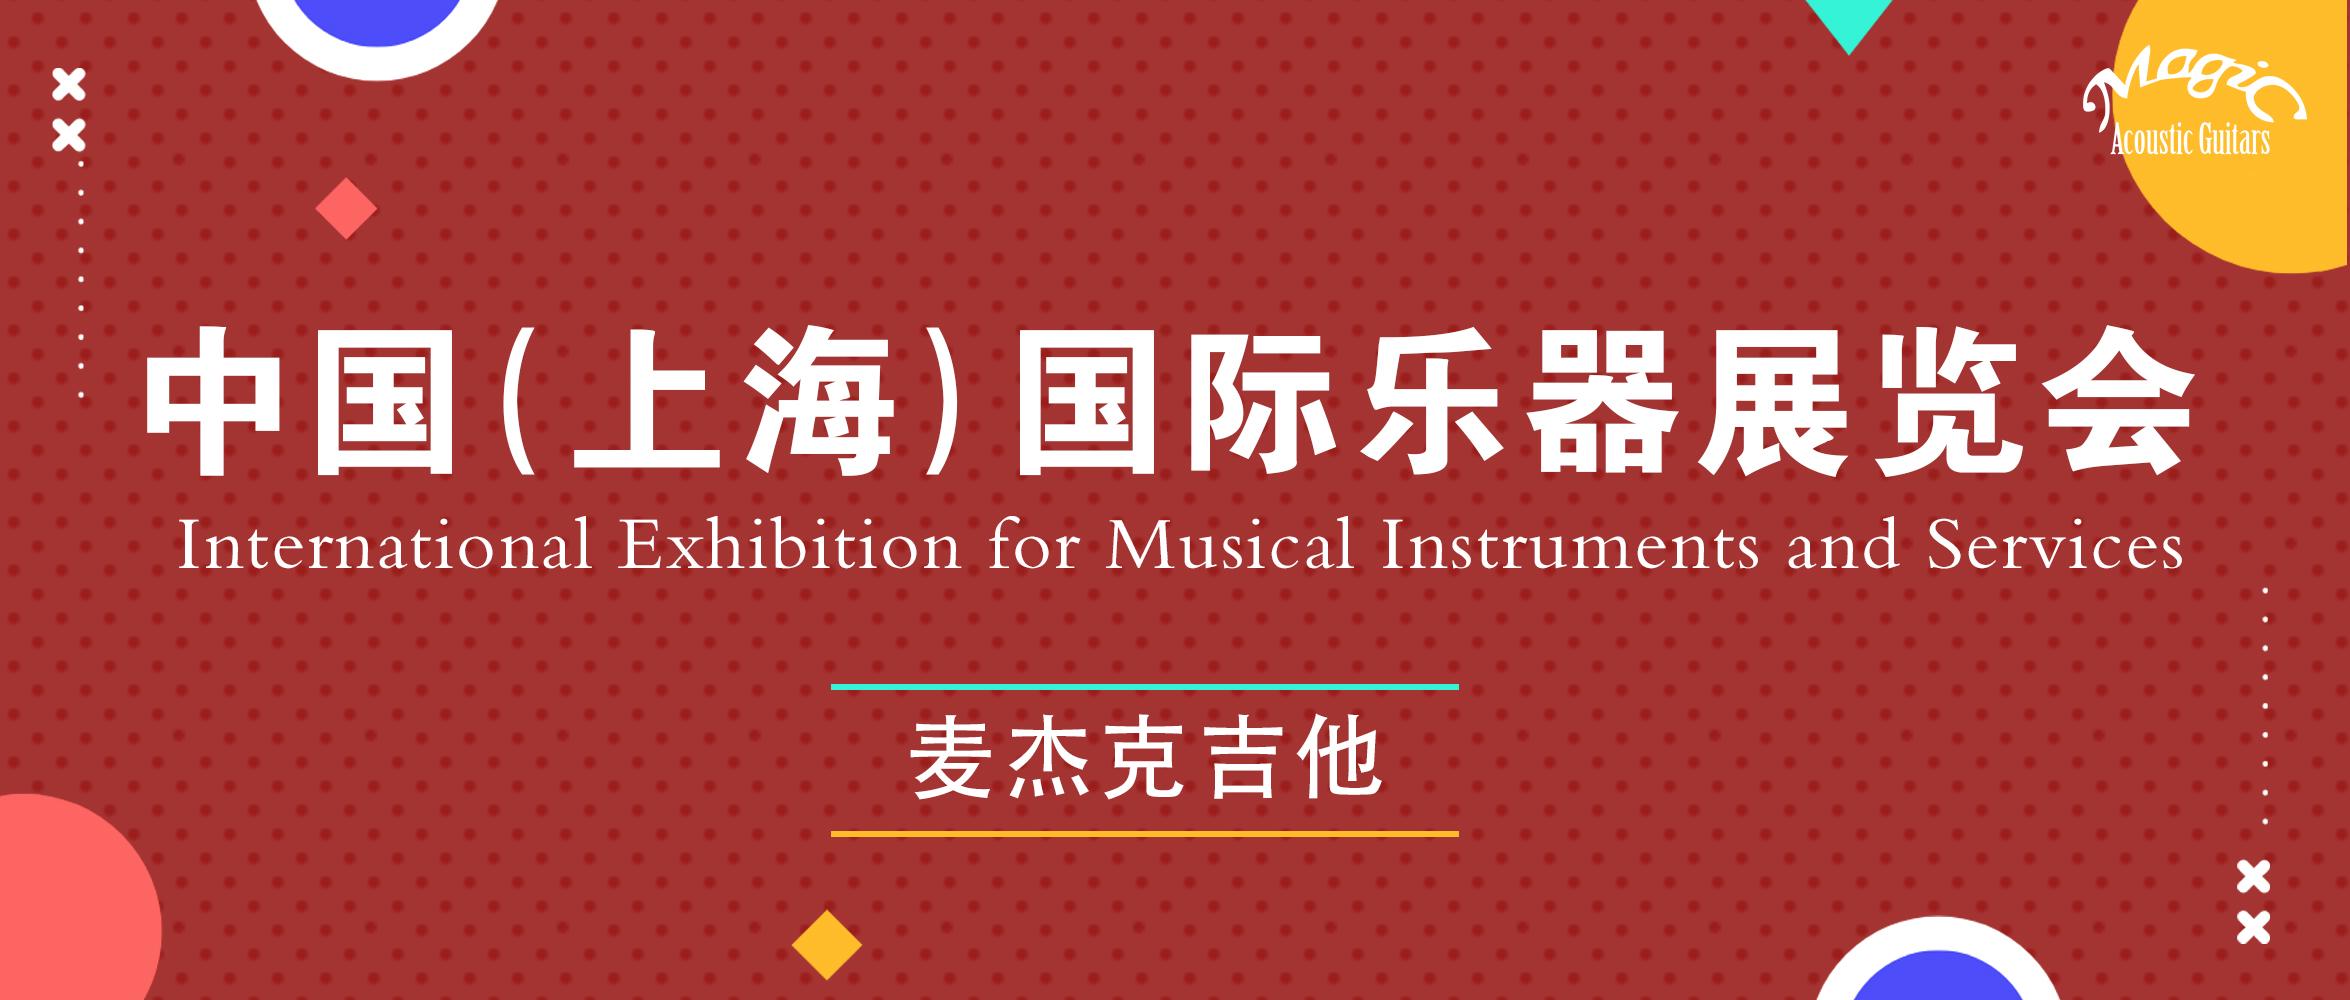 2019上海樂器展,去麥杰克吉他展位一定要看這些!